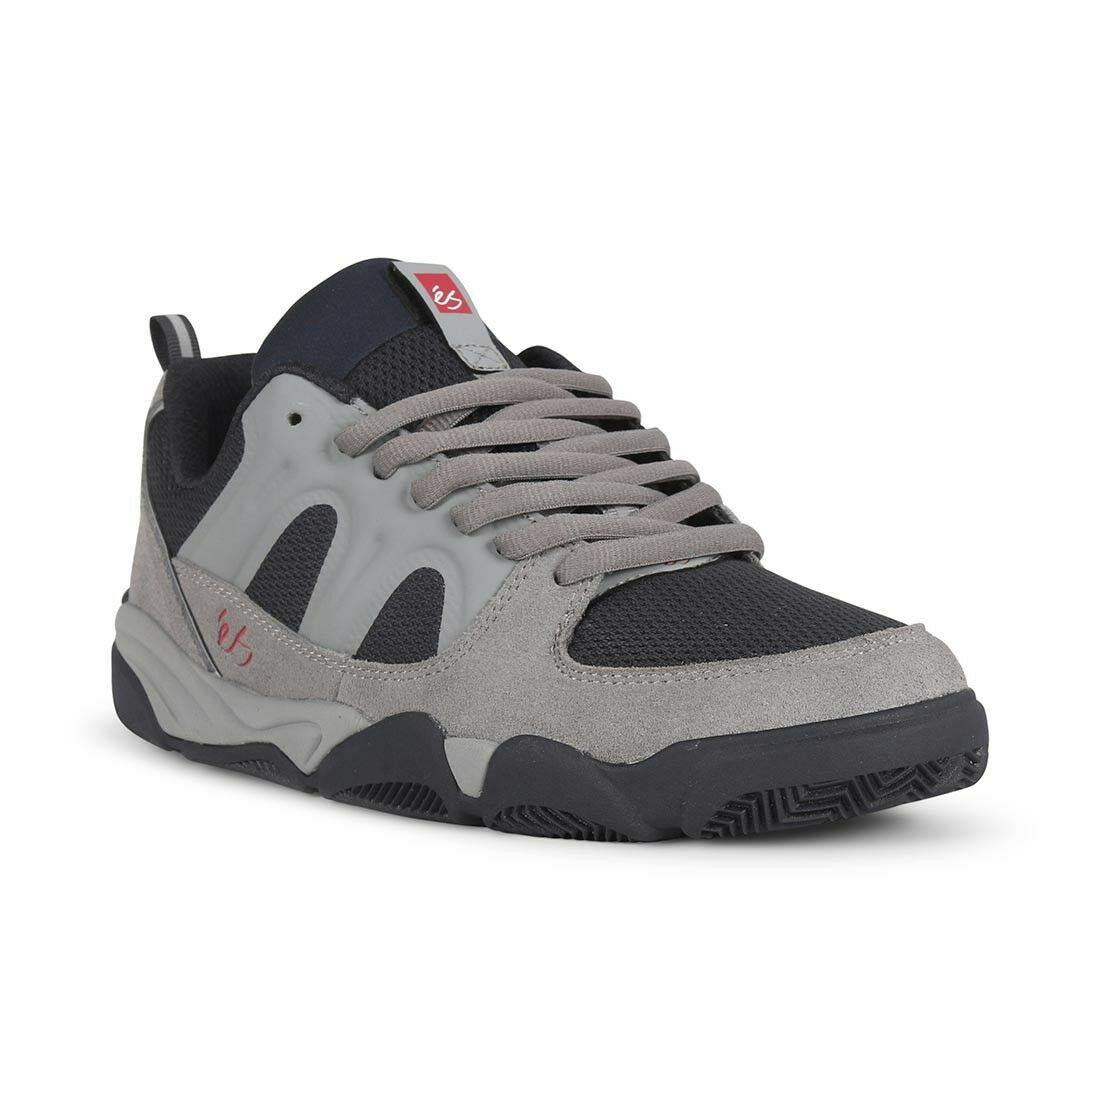 Silo Zapatos-gris eS Azul Marino